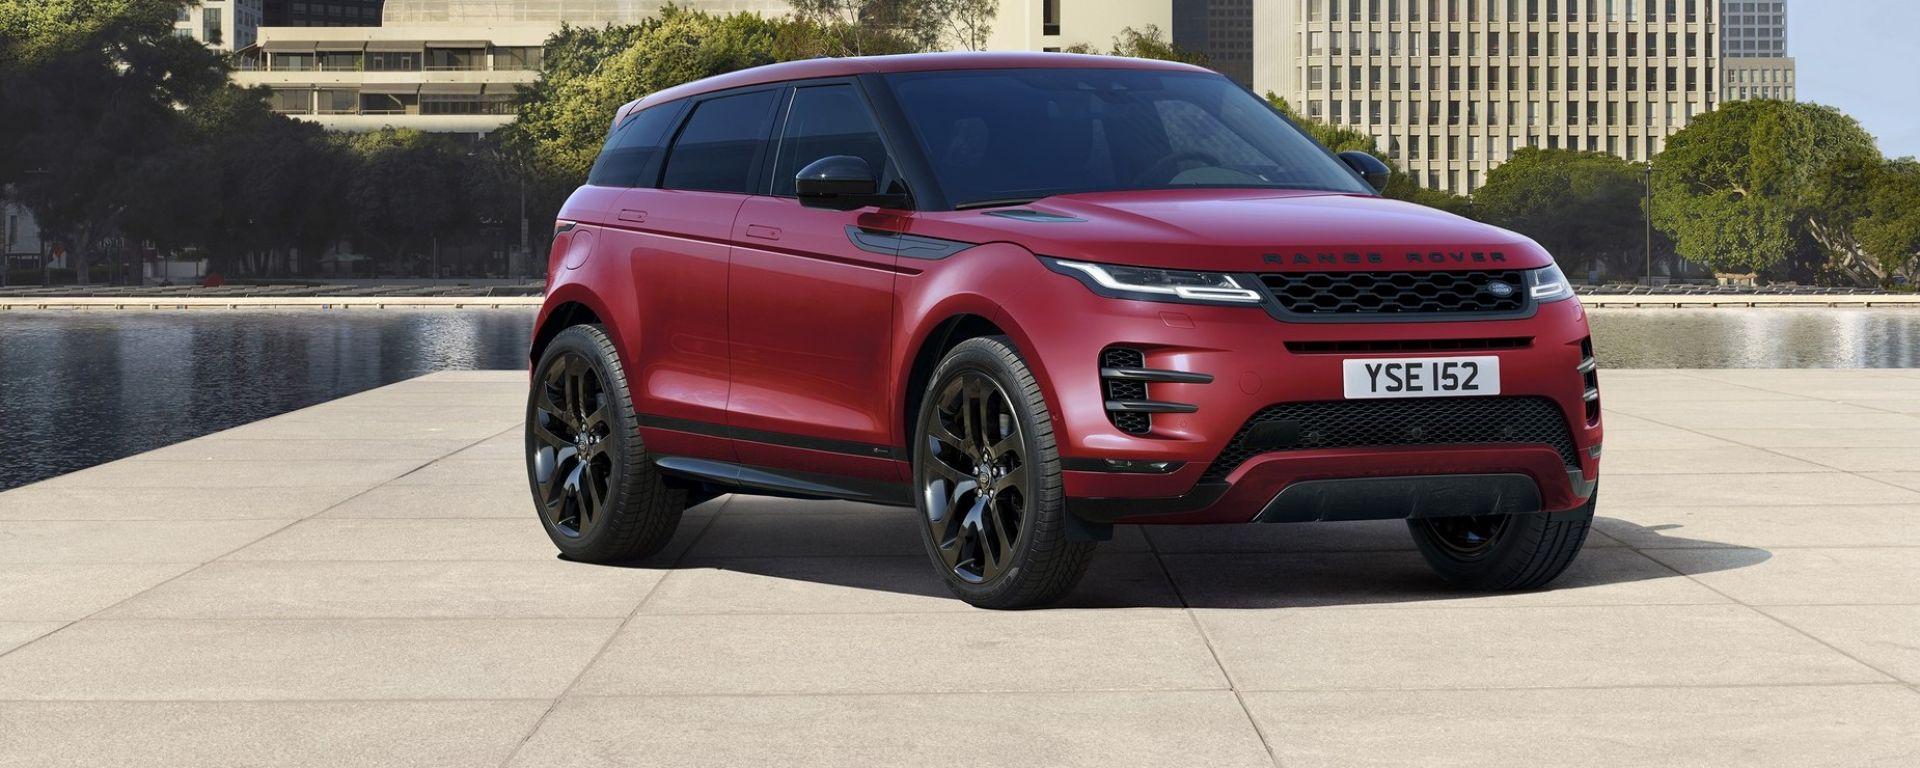 Nuova Range Rover Evoque 2019: primo contatto in video